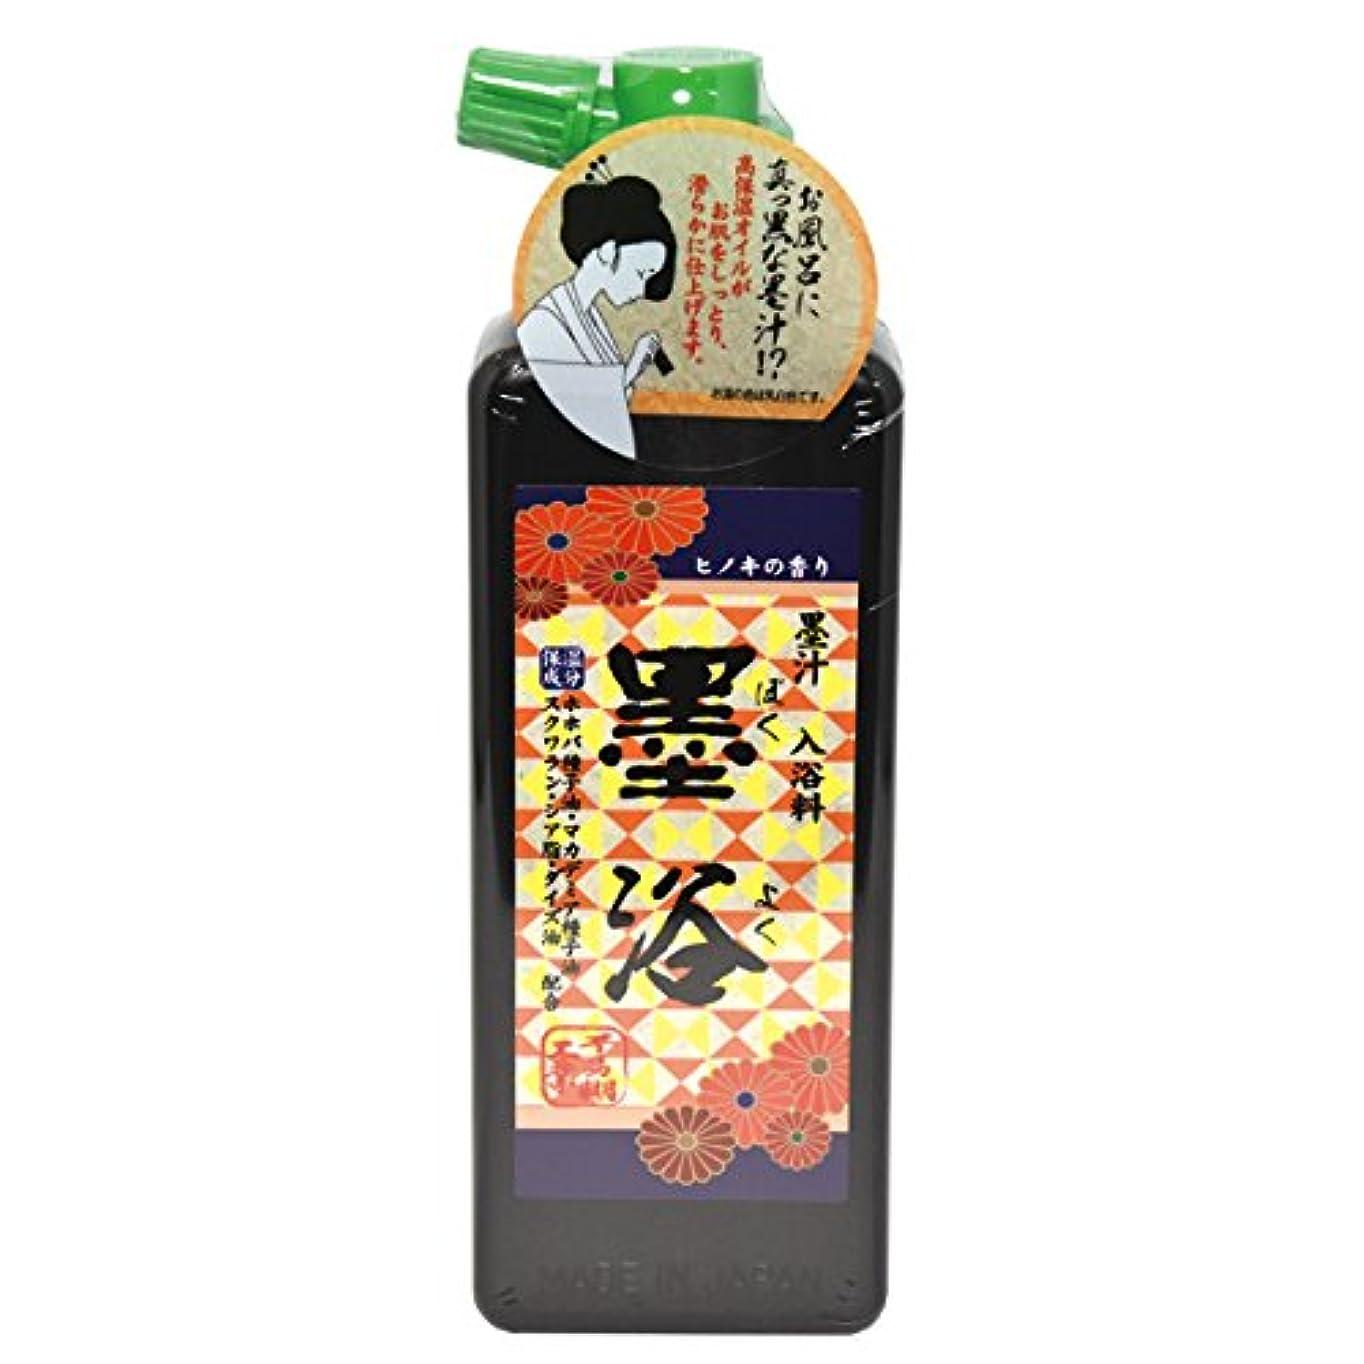 スリチンモイステレオタイプ操縦する墨浴 ぼくよく 入浴料 ヒノキの香り 不易糊工業 BY20